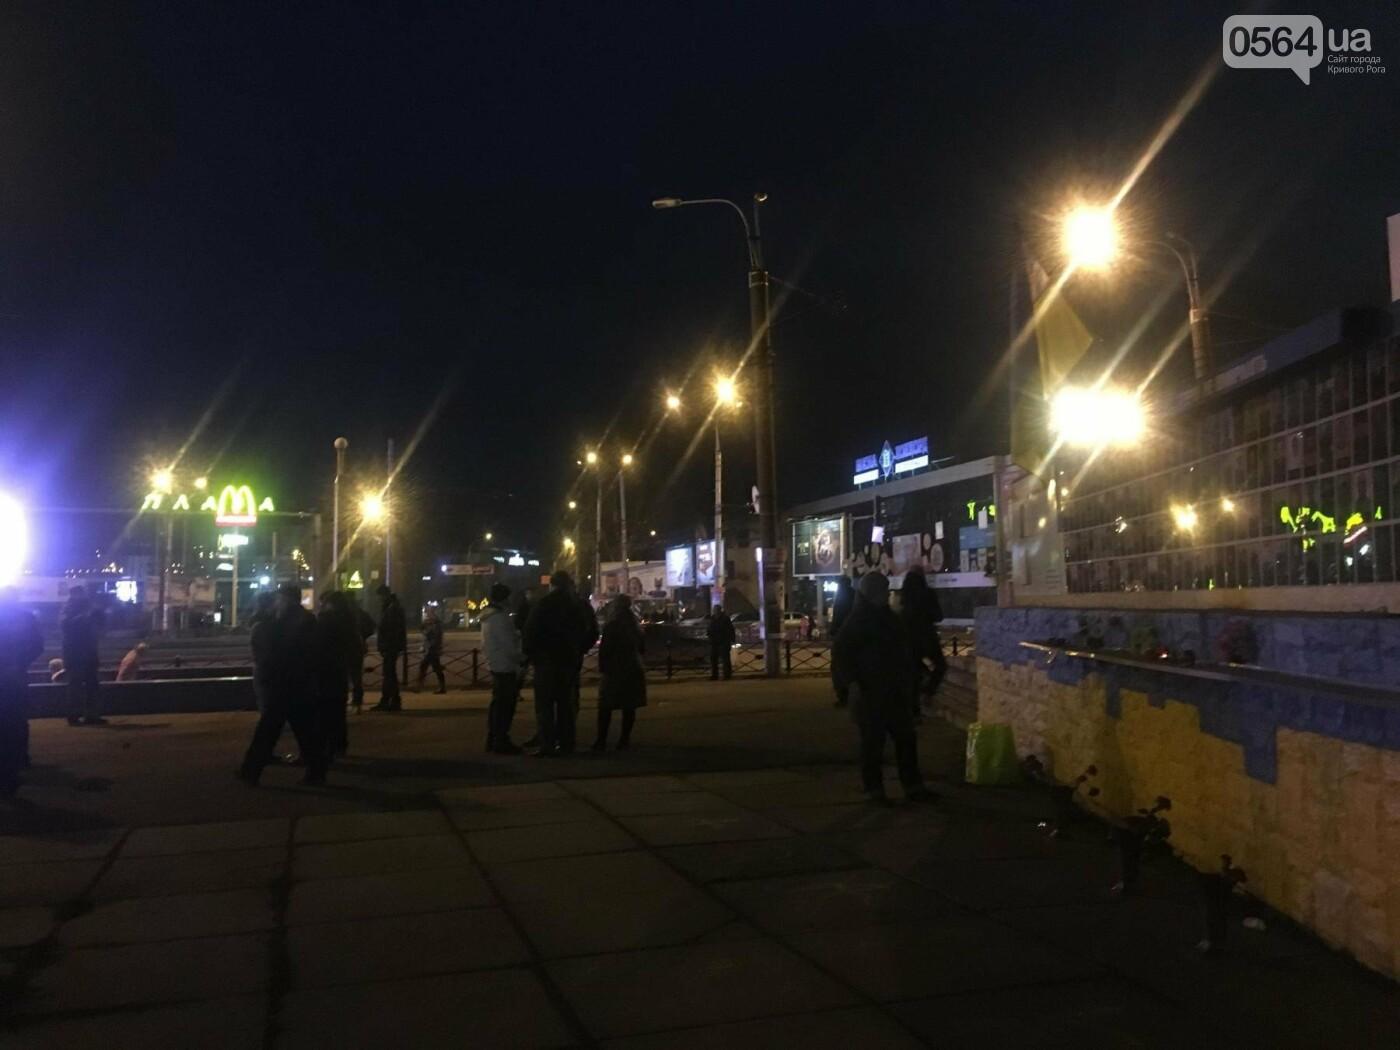 В Кривом Роге проходит Факельный марш в честь Дня рождения Степана Бандеры (ФОТО, ВИДЕО), фото-23